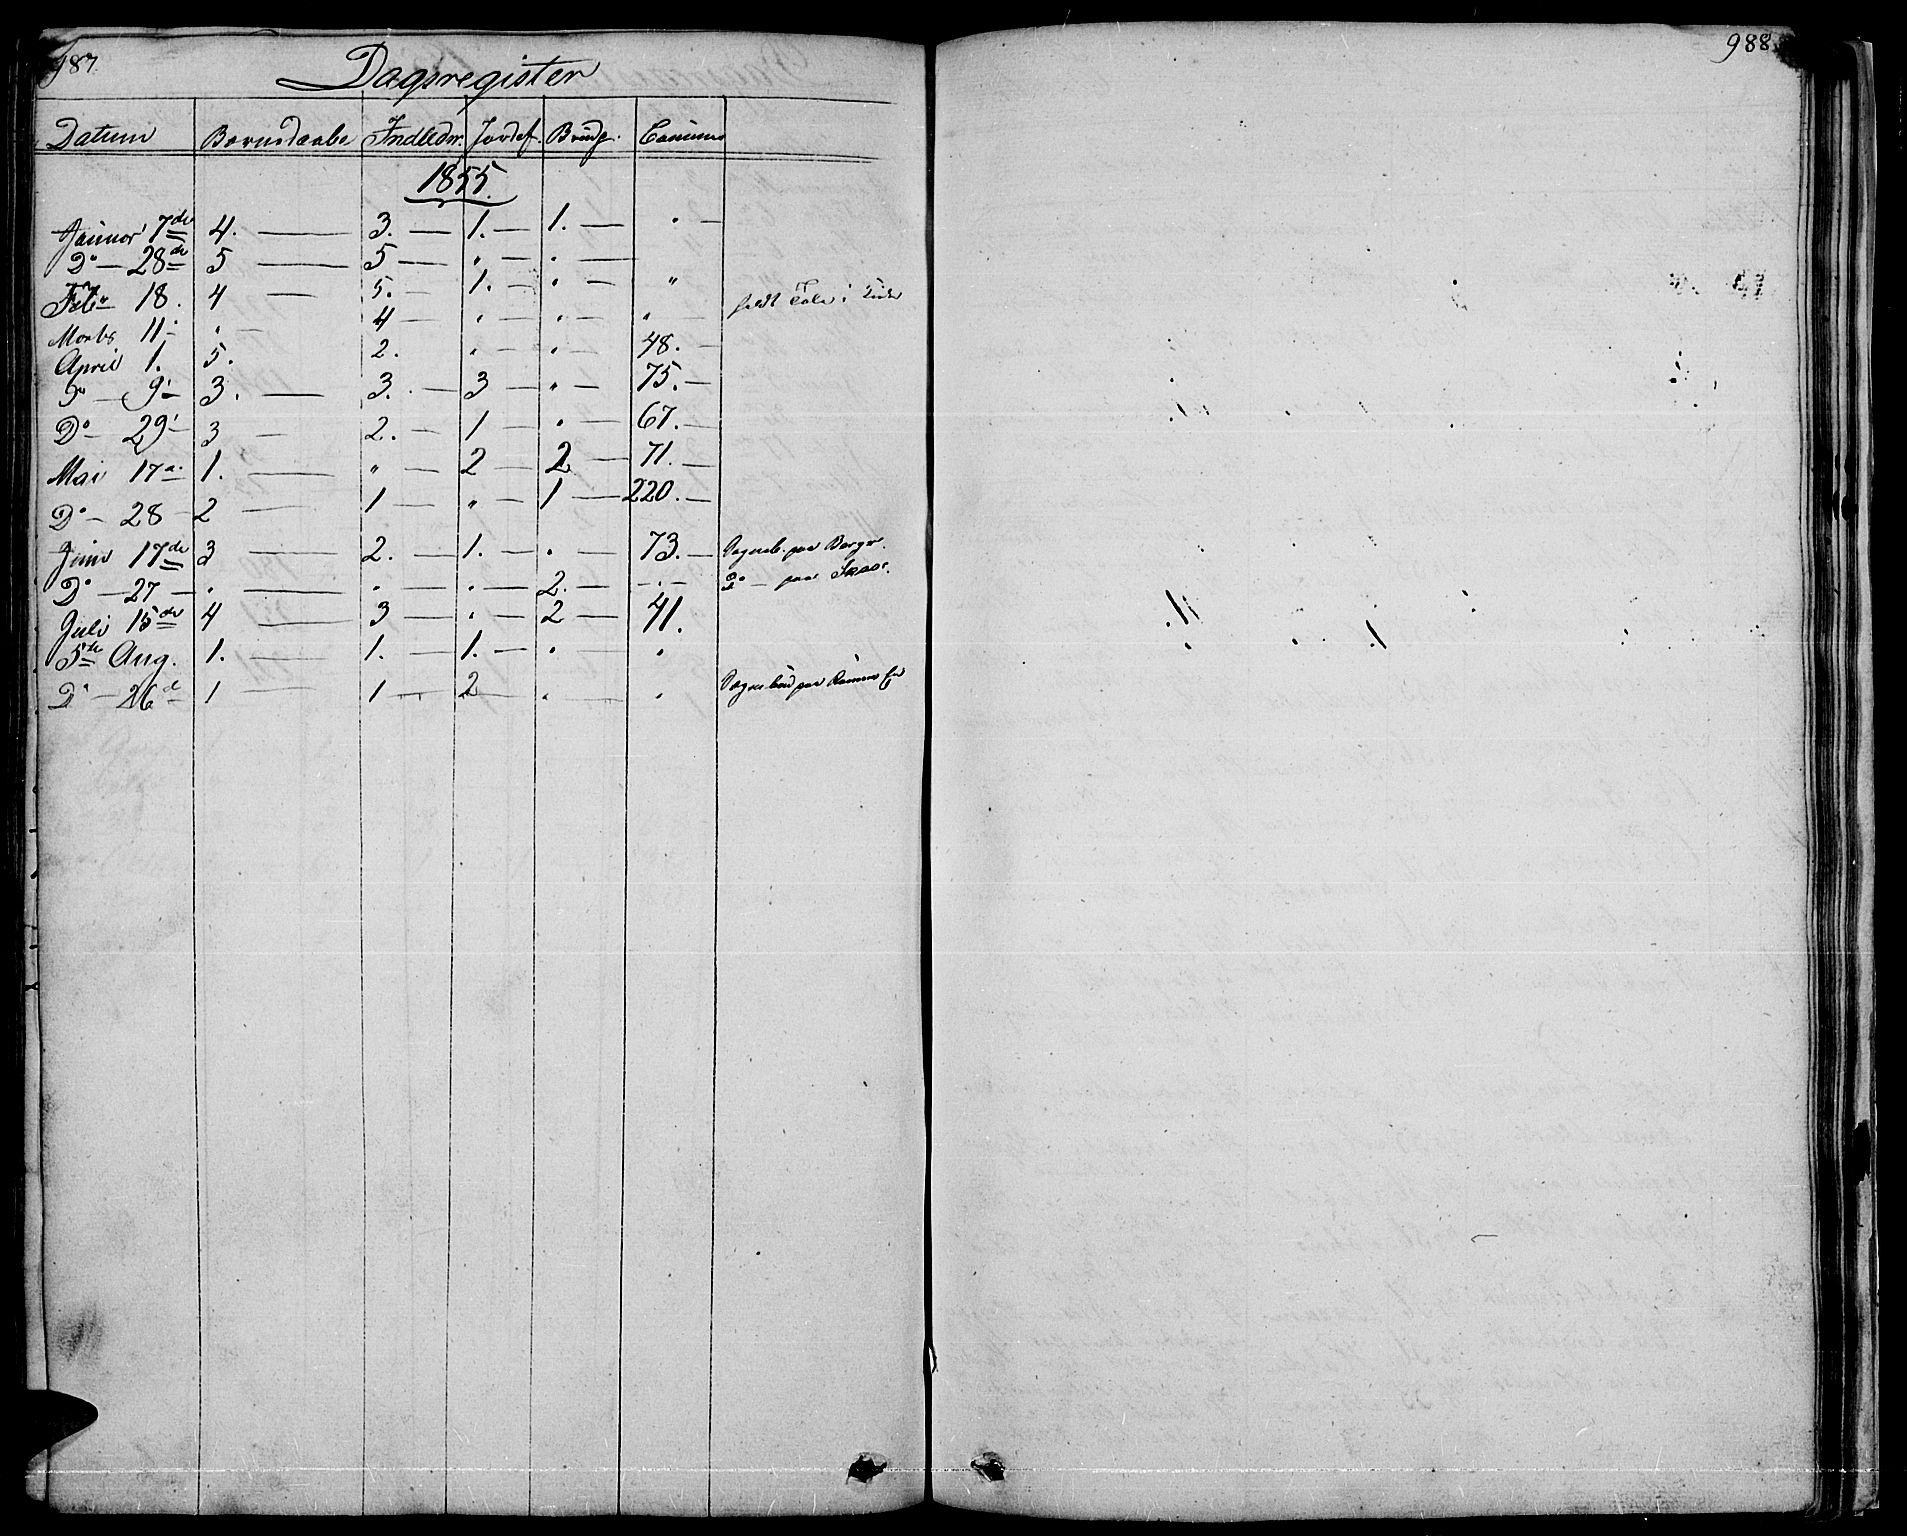 SAH, Nord-Aurdal prestekontor, Klokkerbok nr. 1, 1834-1887, s. 987-988